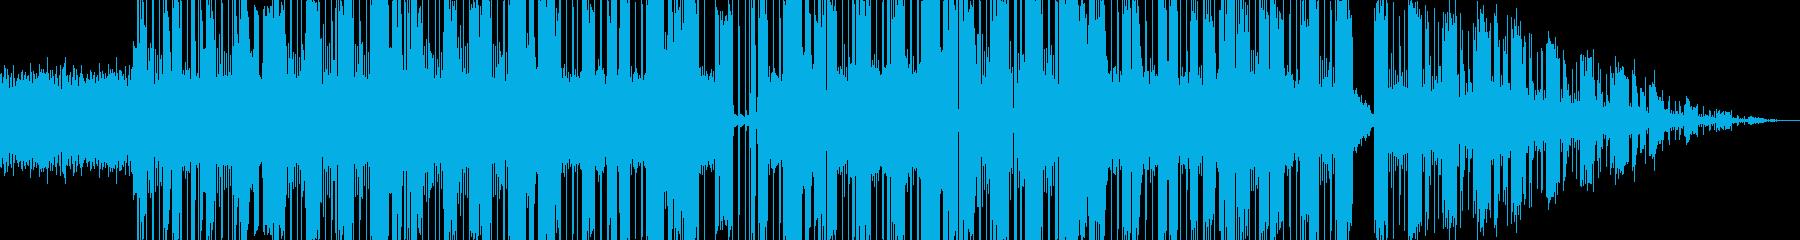 かっこよくて踊れるエレクトロファンクの再生済みの波形